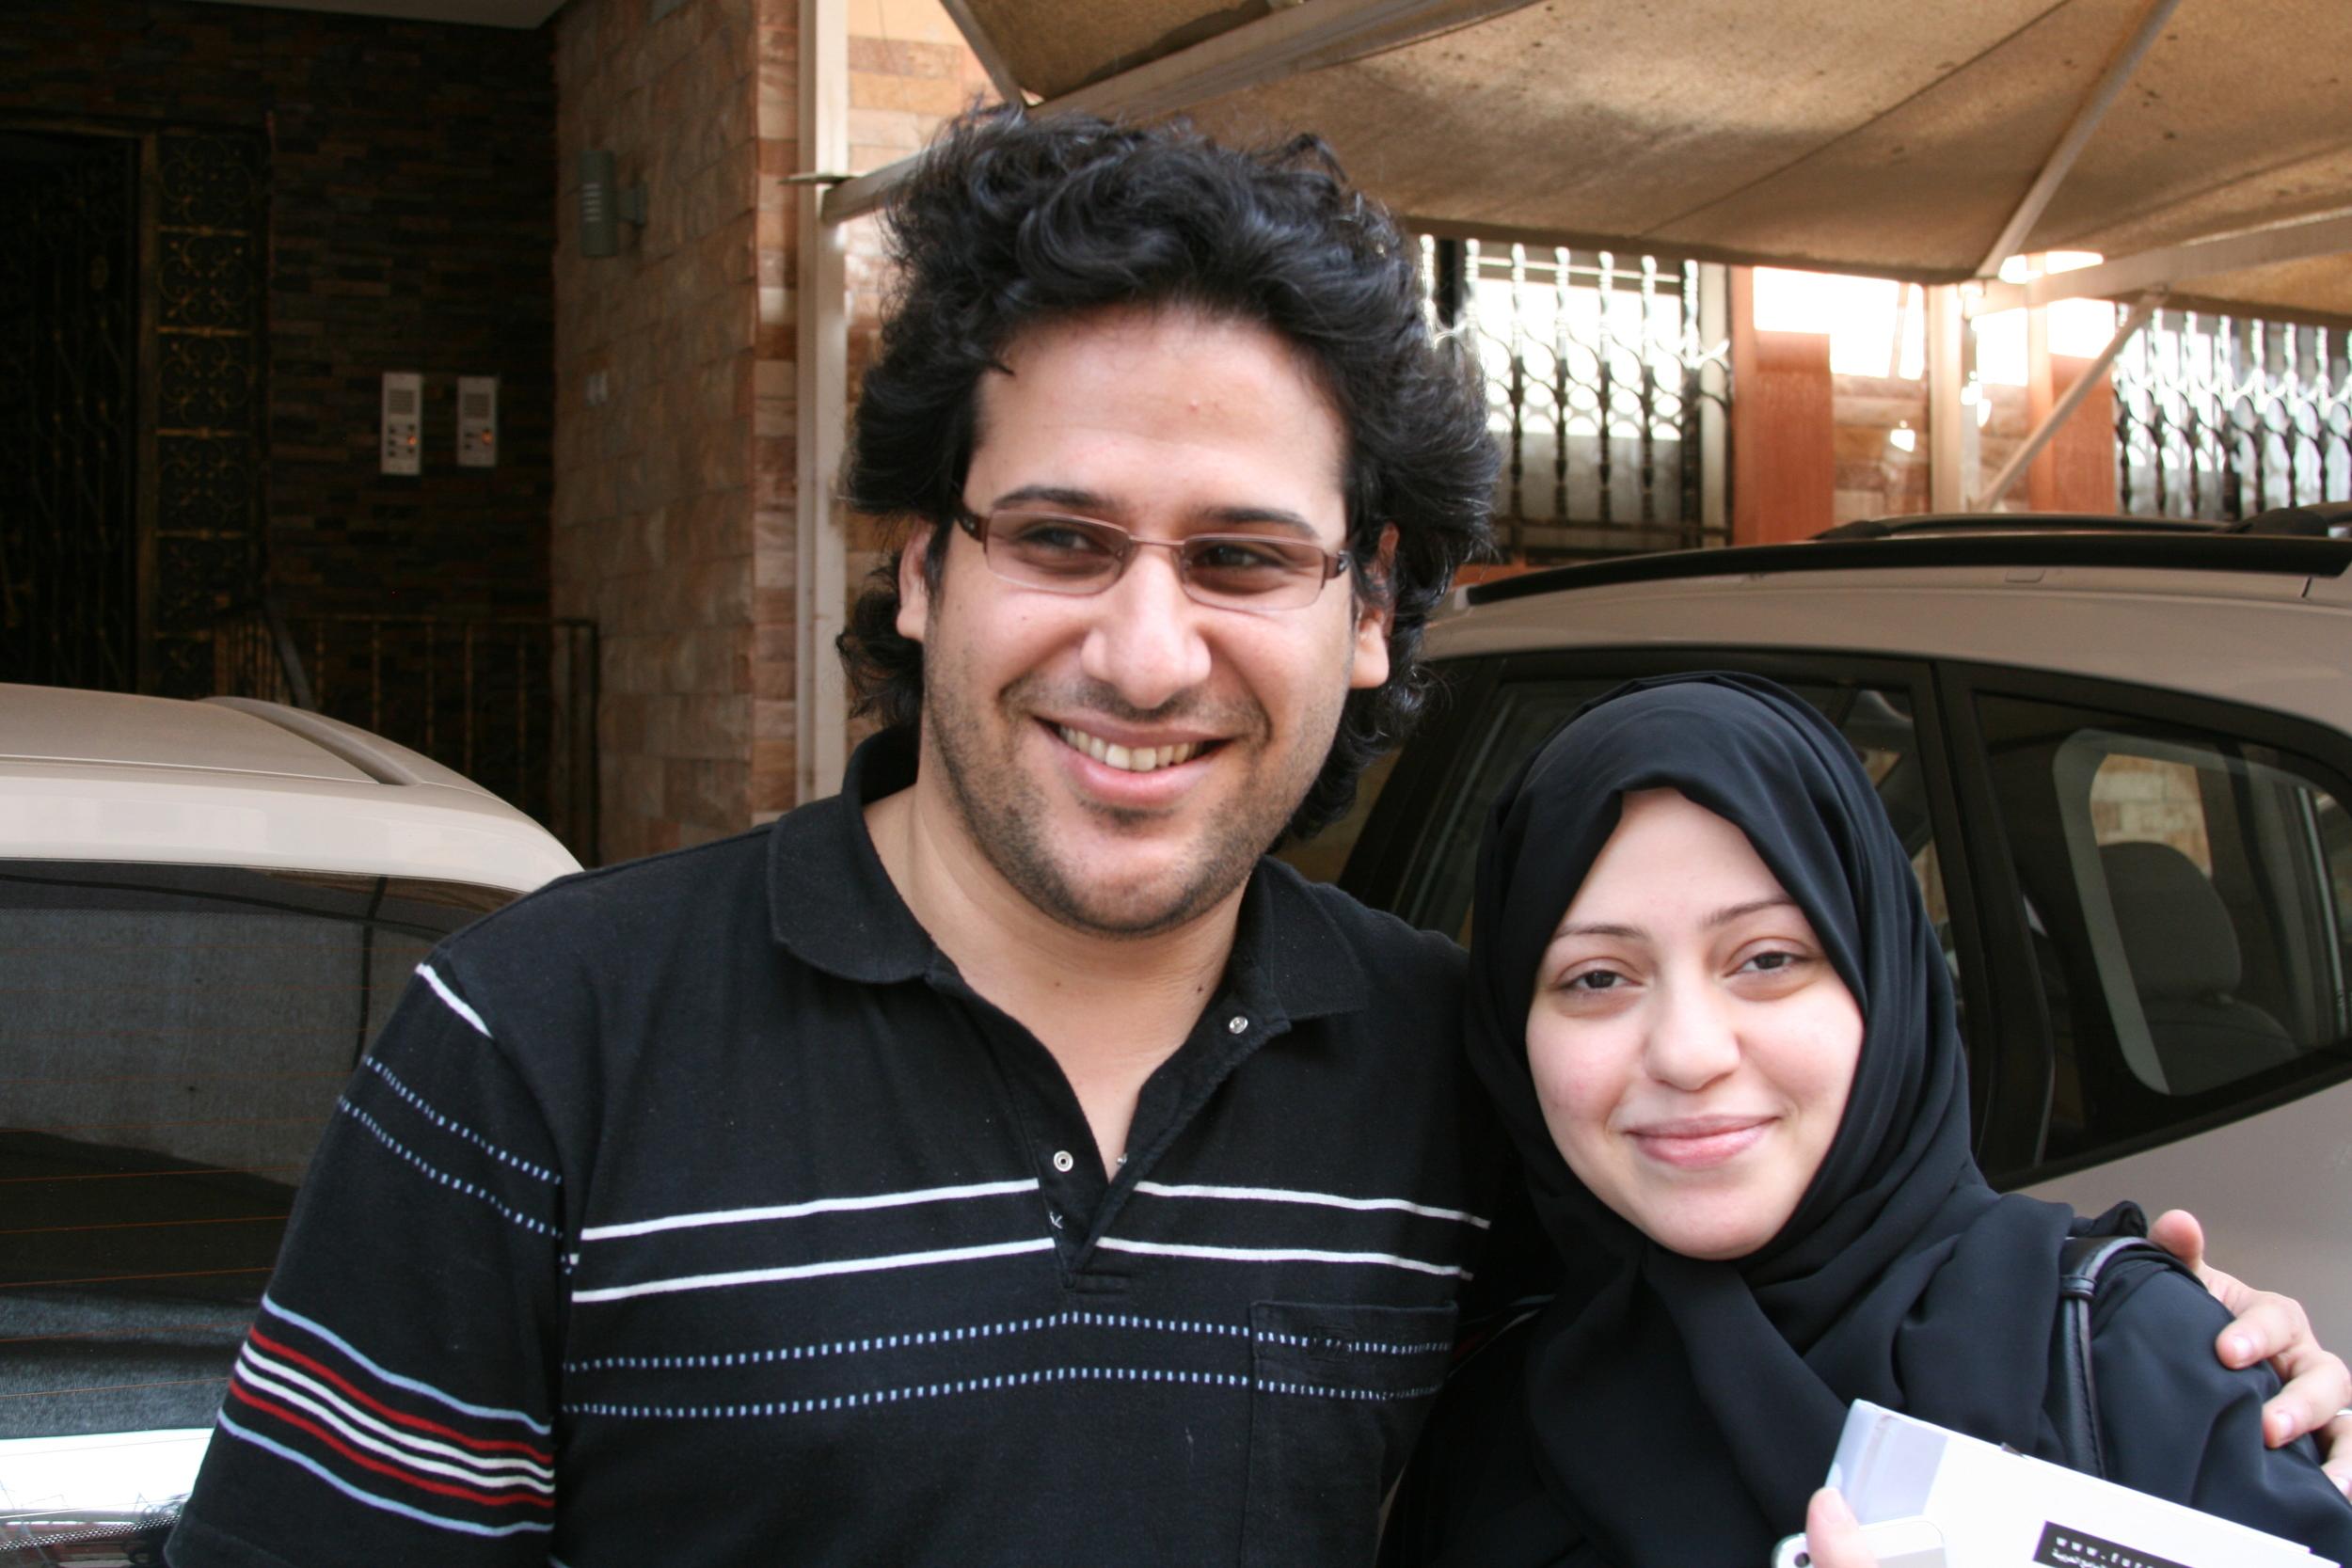 Waleed Abu al-Khair och Samar Badawi i mars 2014, några veckor innan Waleed kastades i fängelse och dömdes till femton år. Foto: Per Luthander